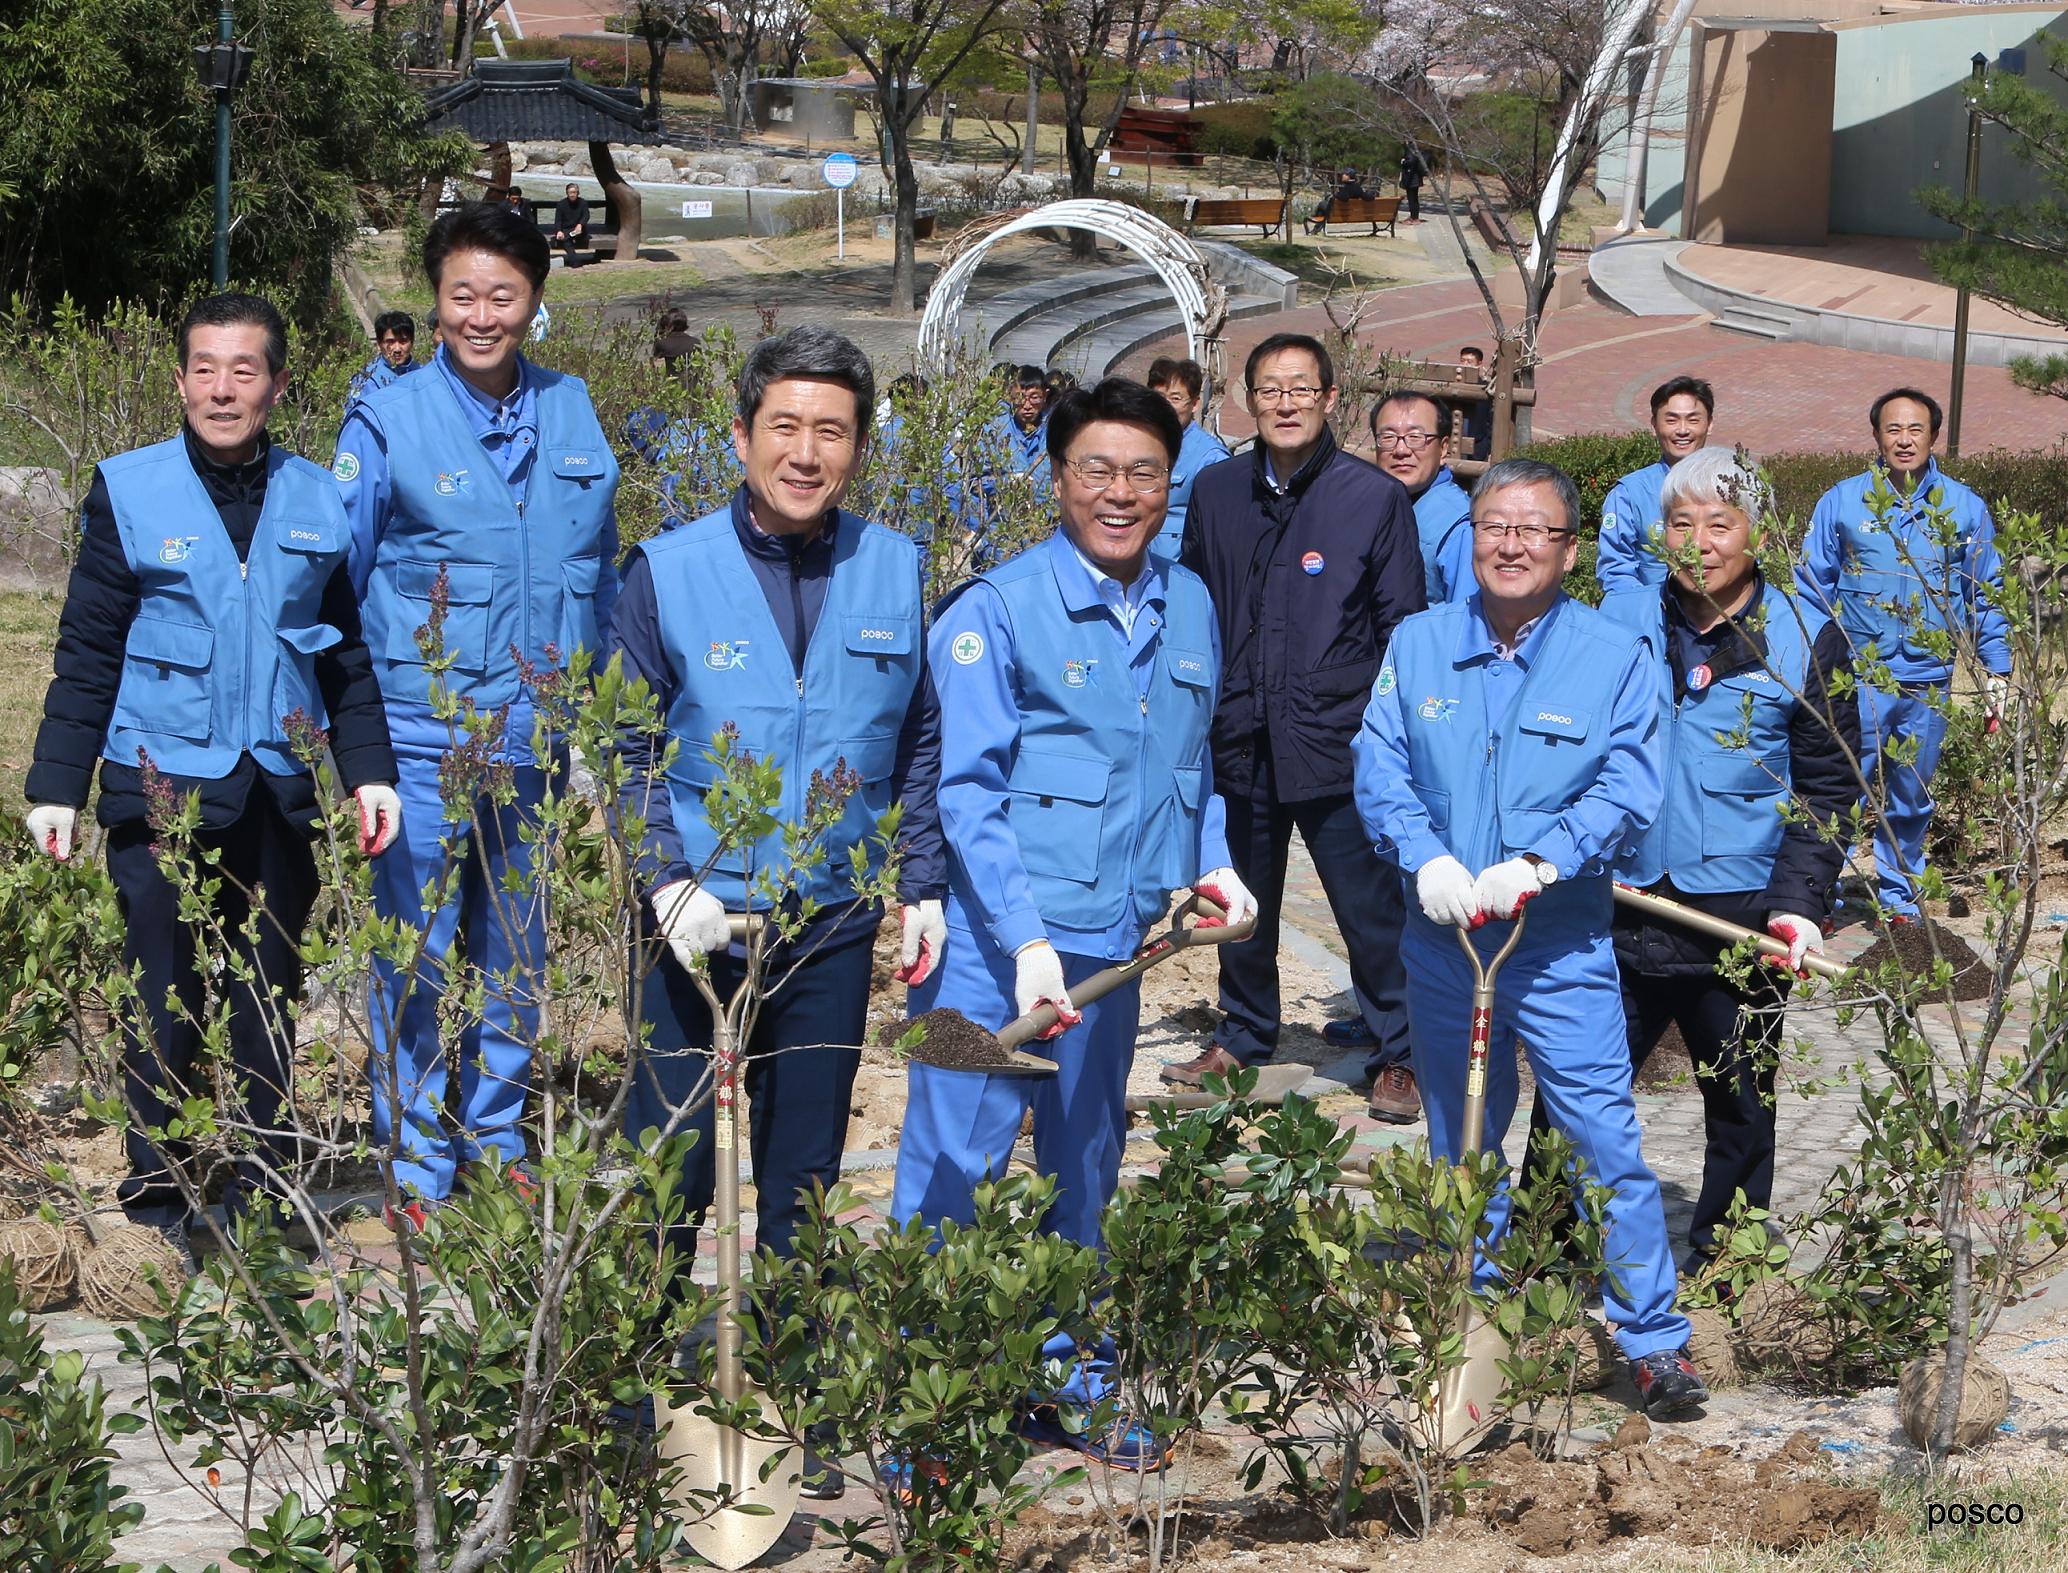 포스코 최정우 회장이 4월 1일 포스코 창립기념일을 맞아 이강덕 포항시장과 포스코그룹 임직원들과 함께 포항시 환호공원에서 나무심기 봉사활동을 하고 있다